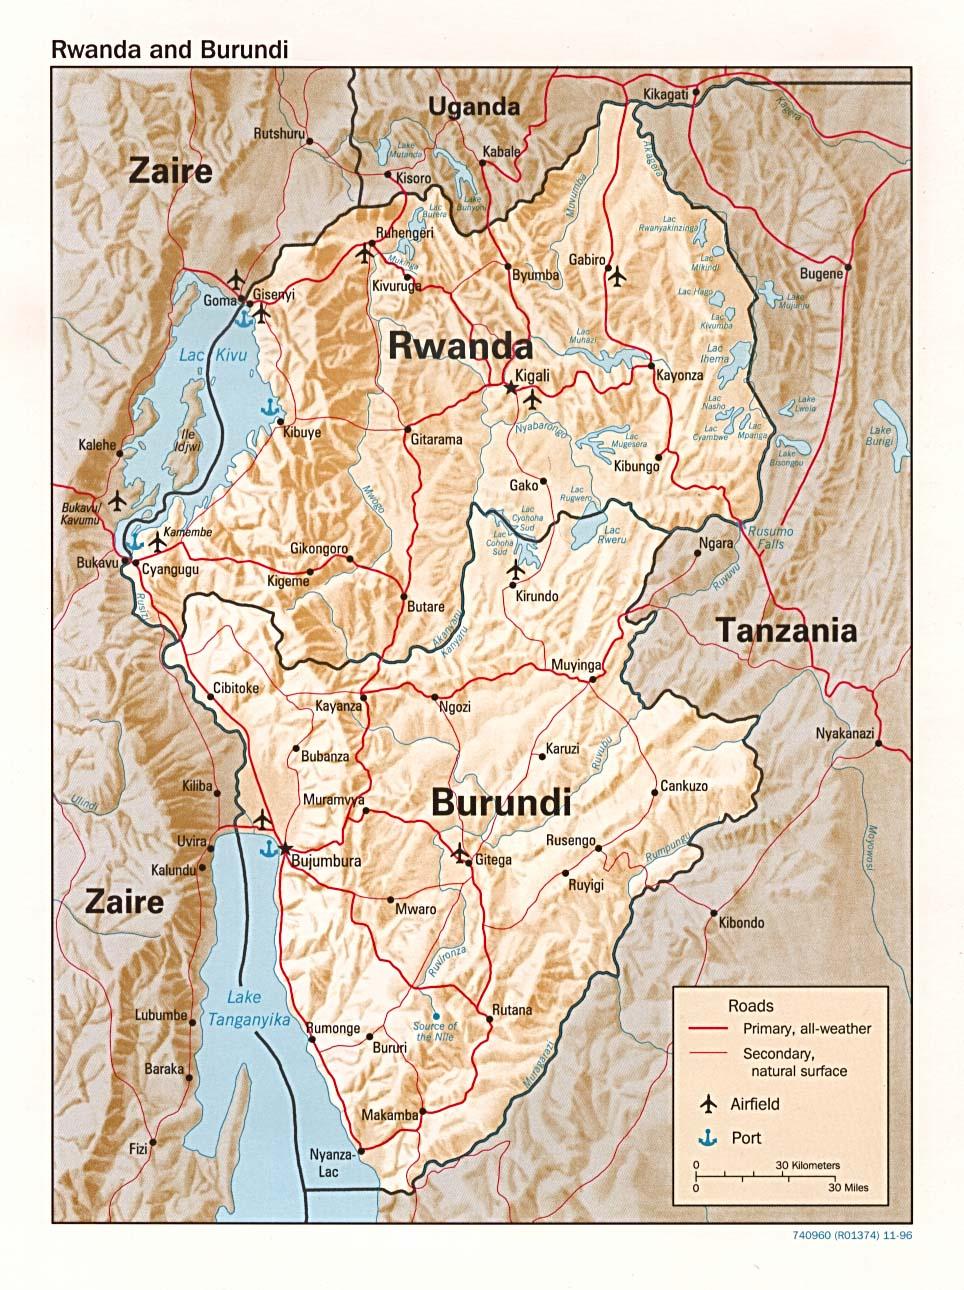 FileBurundi Rwanda relief Map 1996jpg The Work of Gods Children